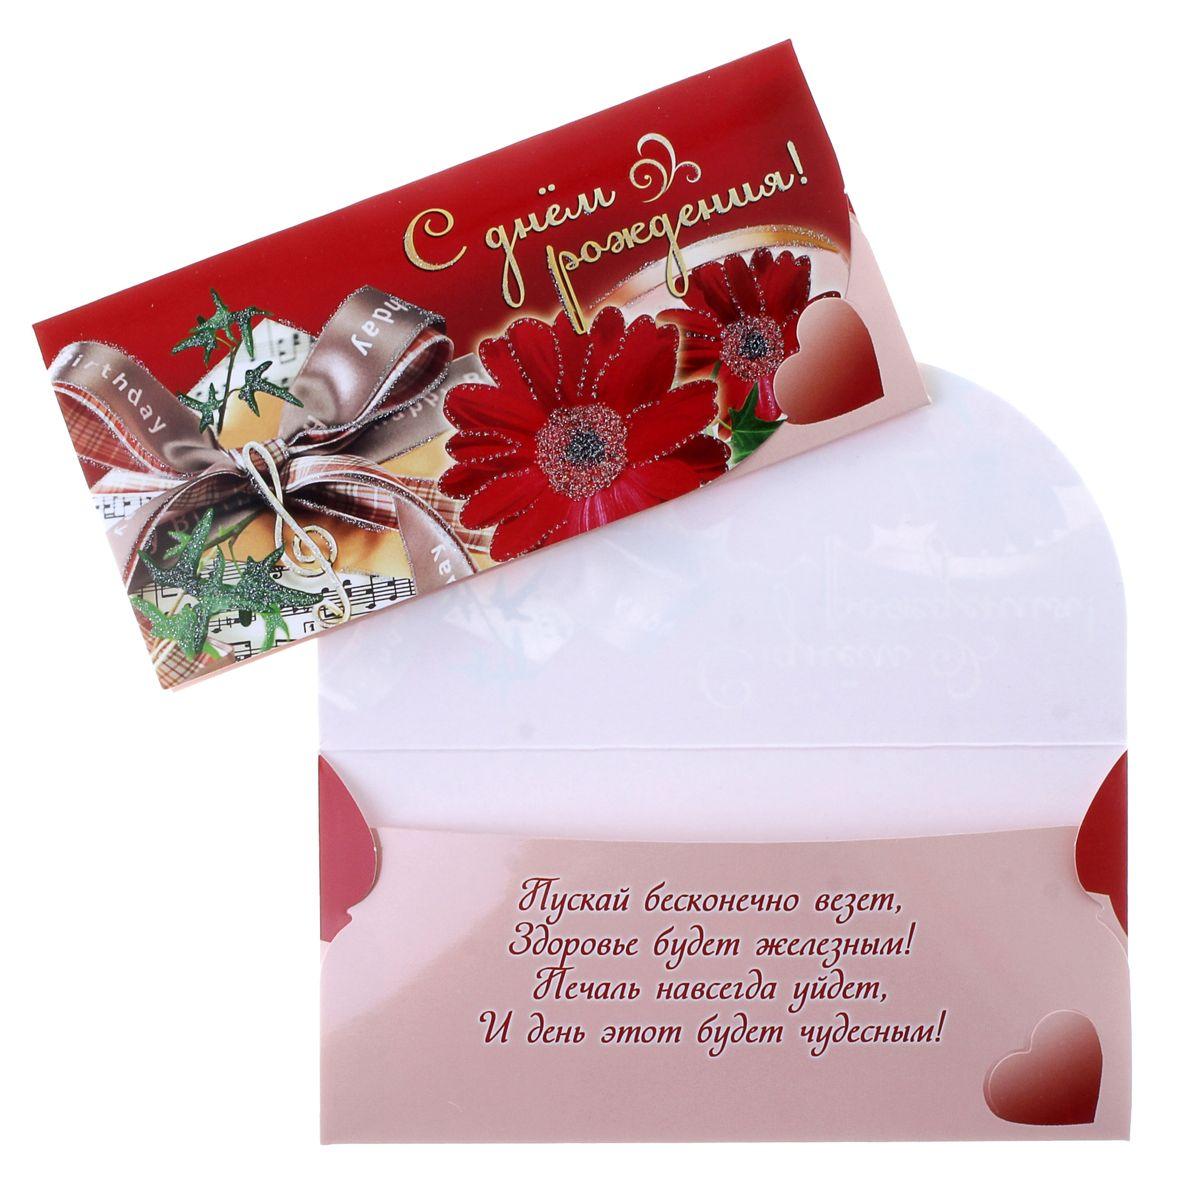 Конверт для денег С Днем Рождения!. 515771515771Конверт для денег С Днем Рождения! выполнен из плотной бумаги и украшен яркой картинкой, соответствующей событию, для которого предназначен. Это необычная красивая одежка для денежного подарка, а так же отличная возможность сделать его более праздничным и создать прекрасное настроение!